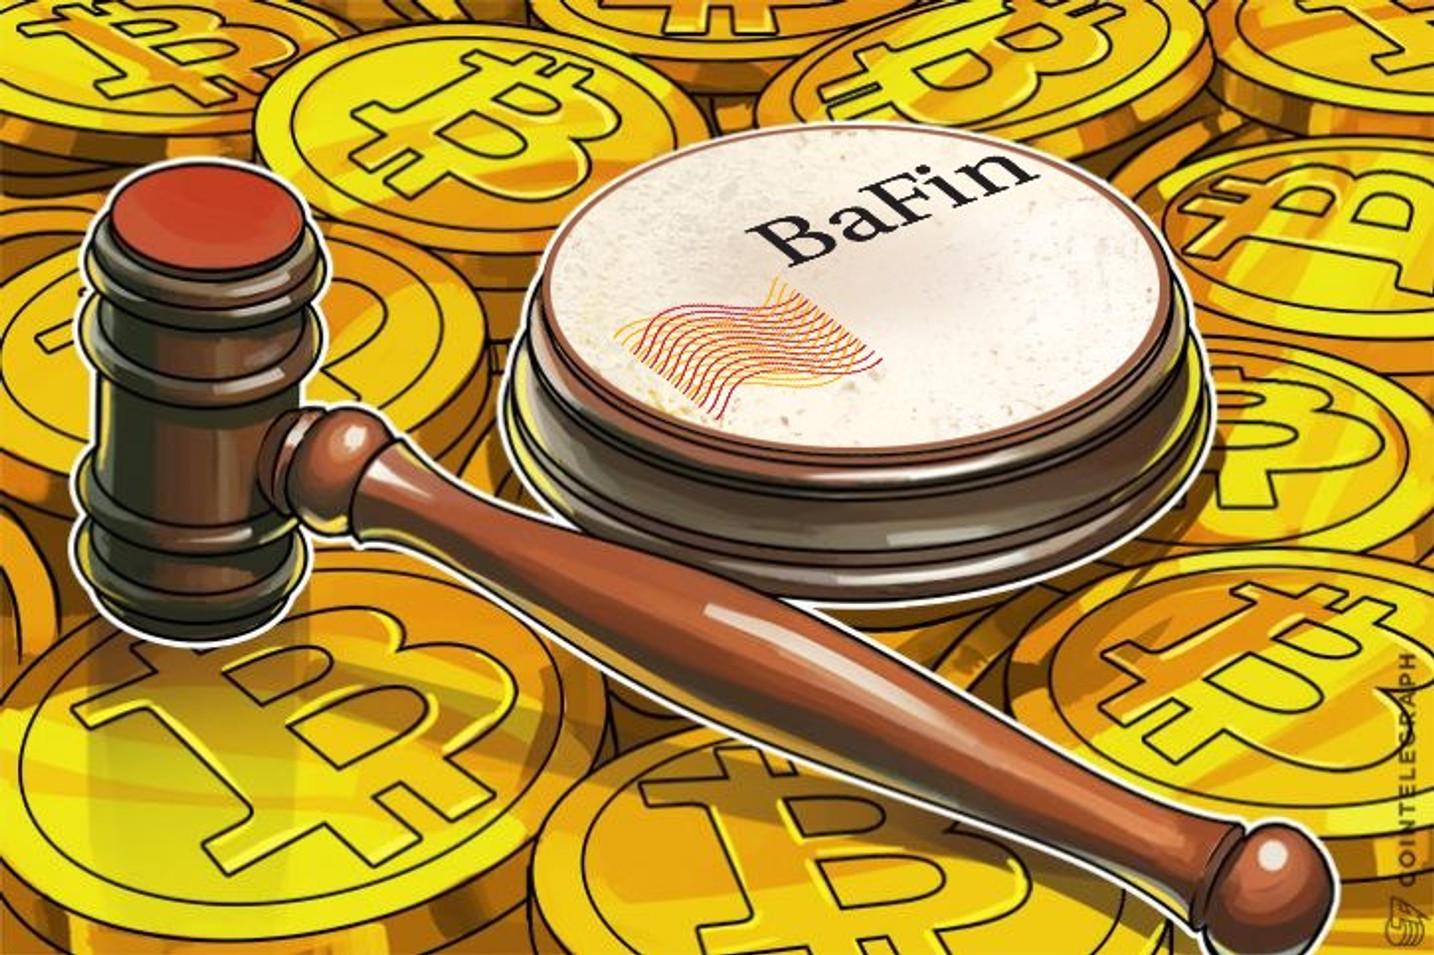 Verbot durch BaFin: btc-now.de darf Bitcoins nicht in Euros umtauschen